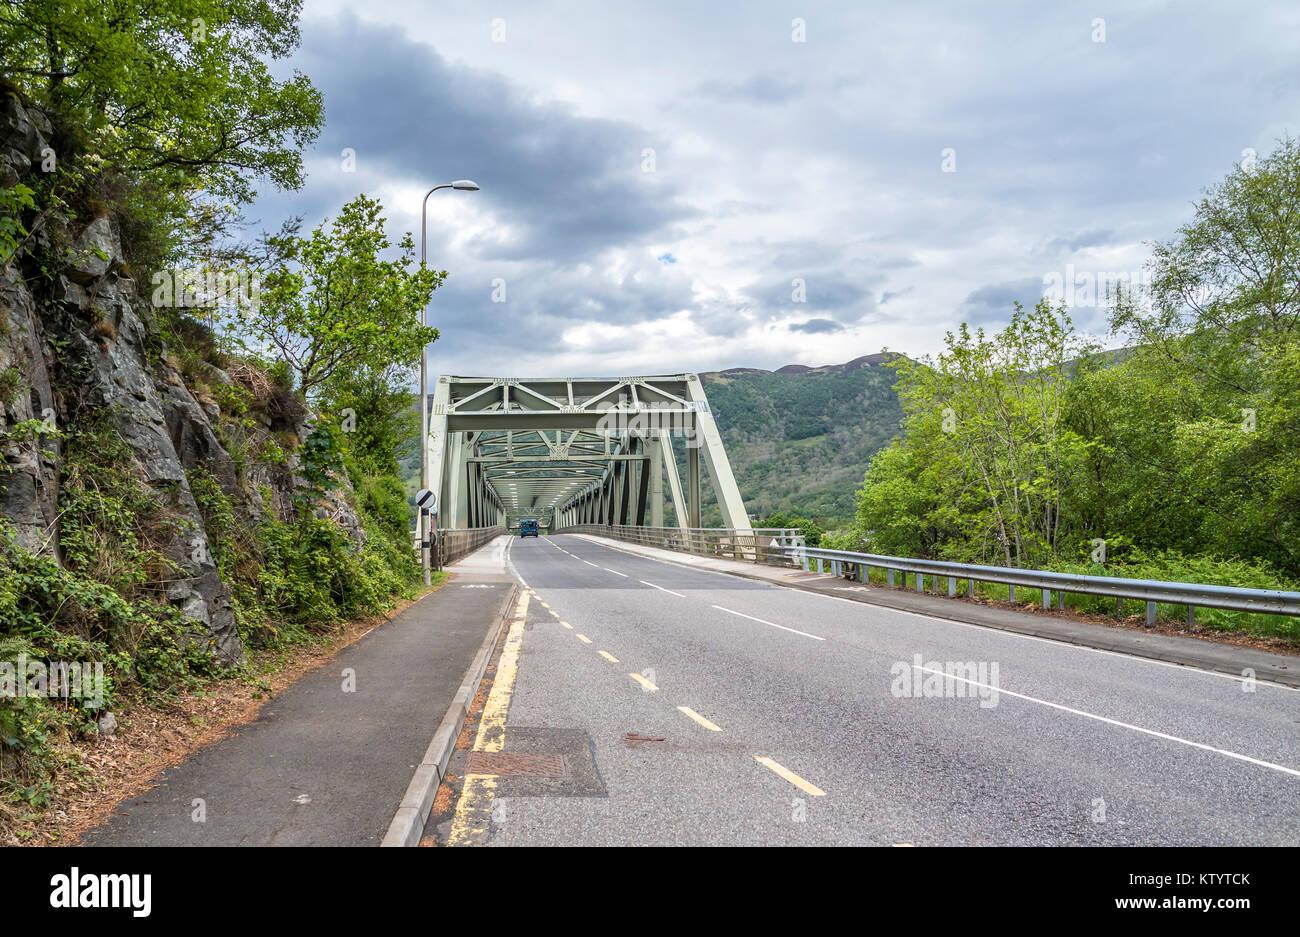 Ballachulish bridge in Lochaber, Scottish Highland - United Kingdom - Stock Image